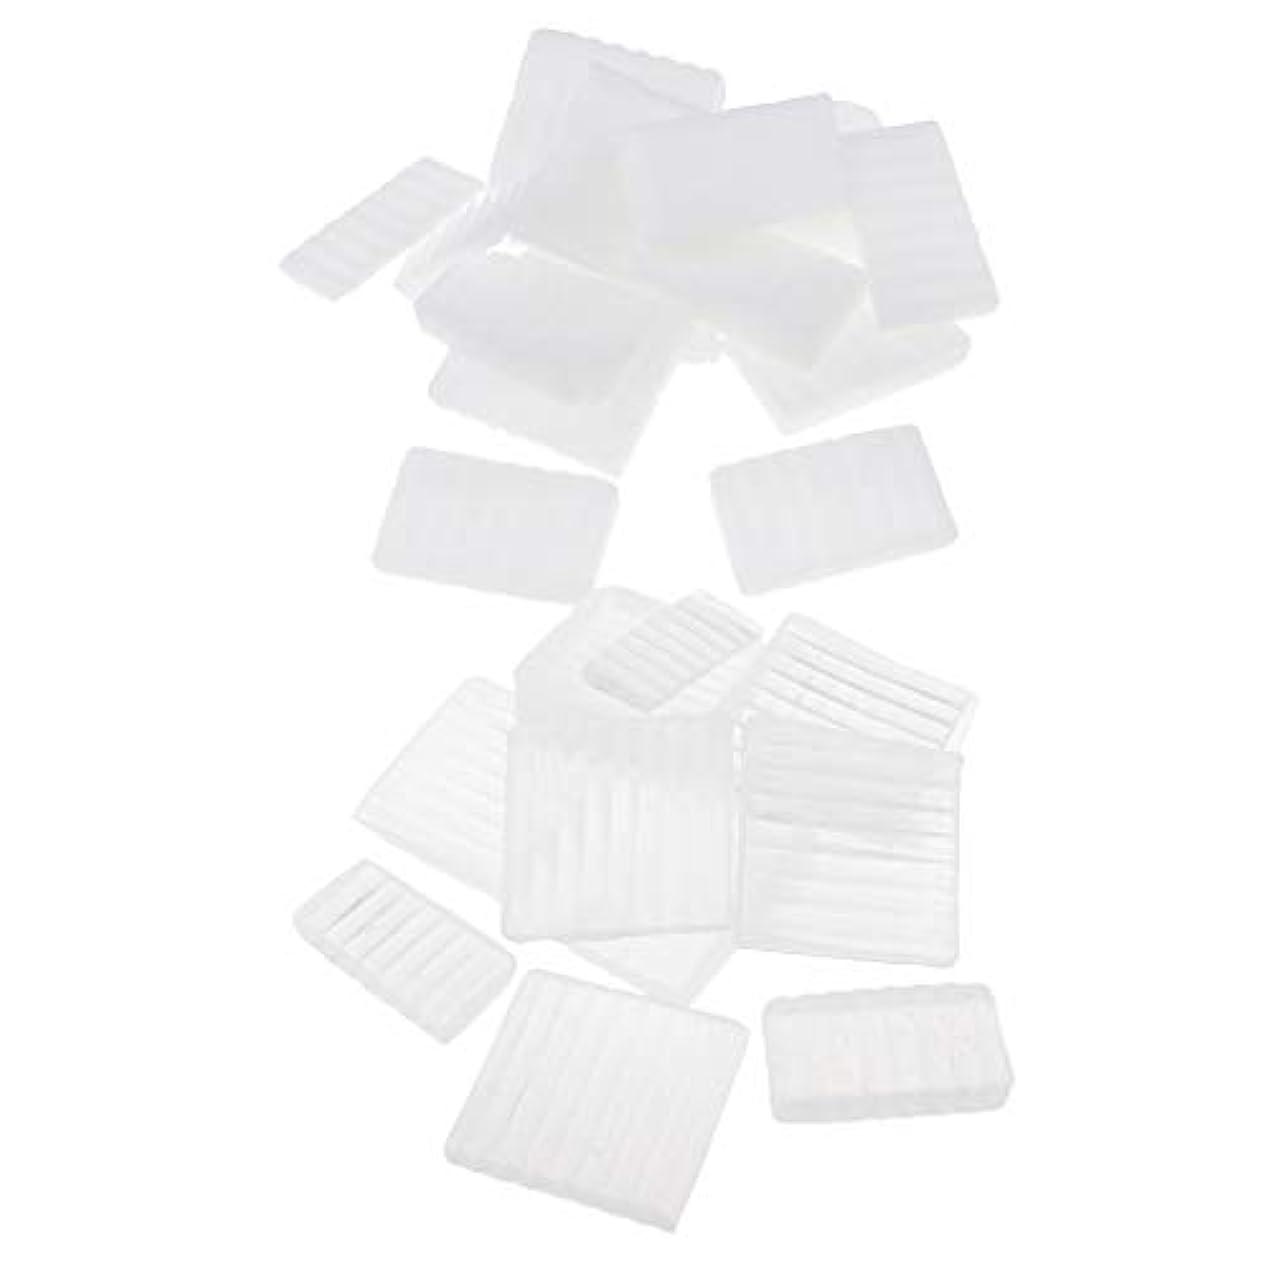 編集する支出原始的なdailymall 石鹸ベース ソープメイキング素材 ソープ グリセリンソープ ハンドメイド 石鹸材料